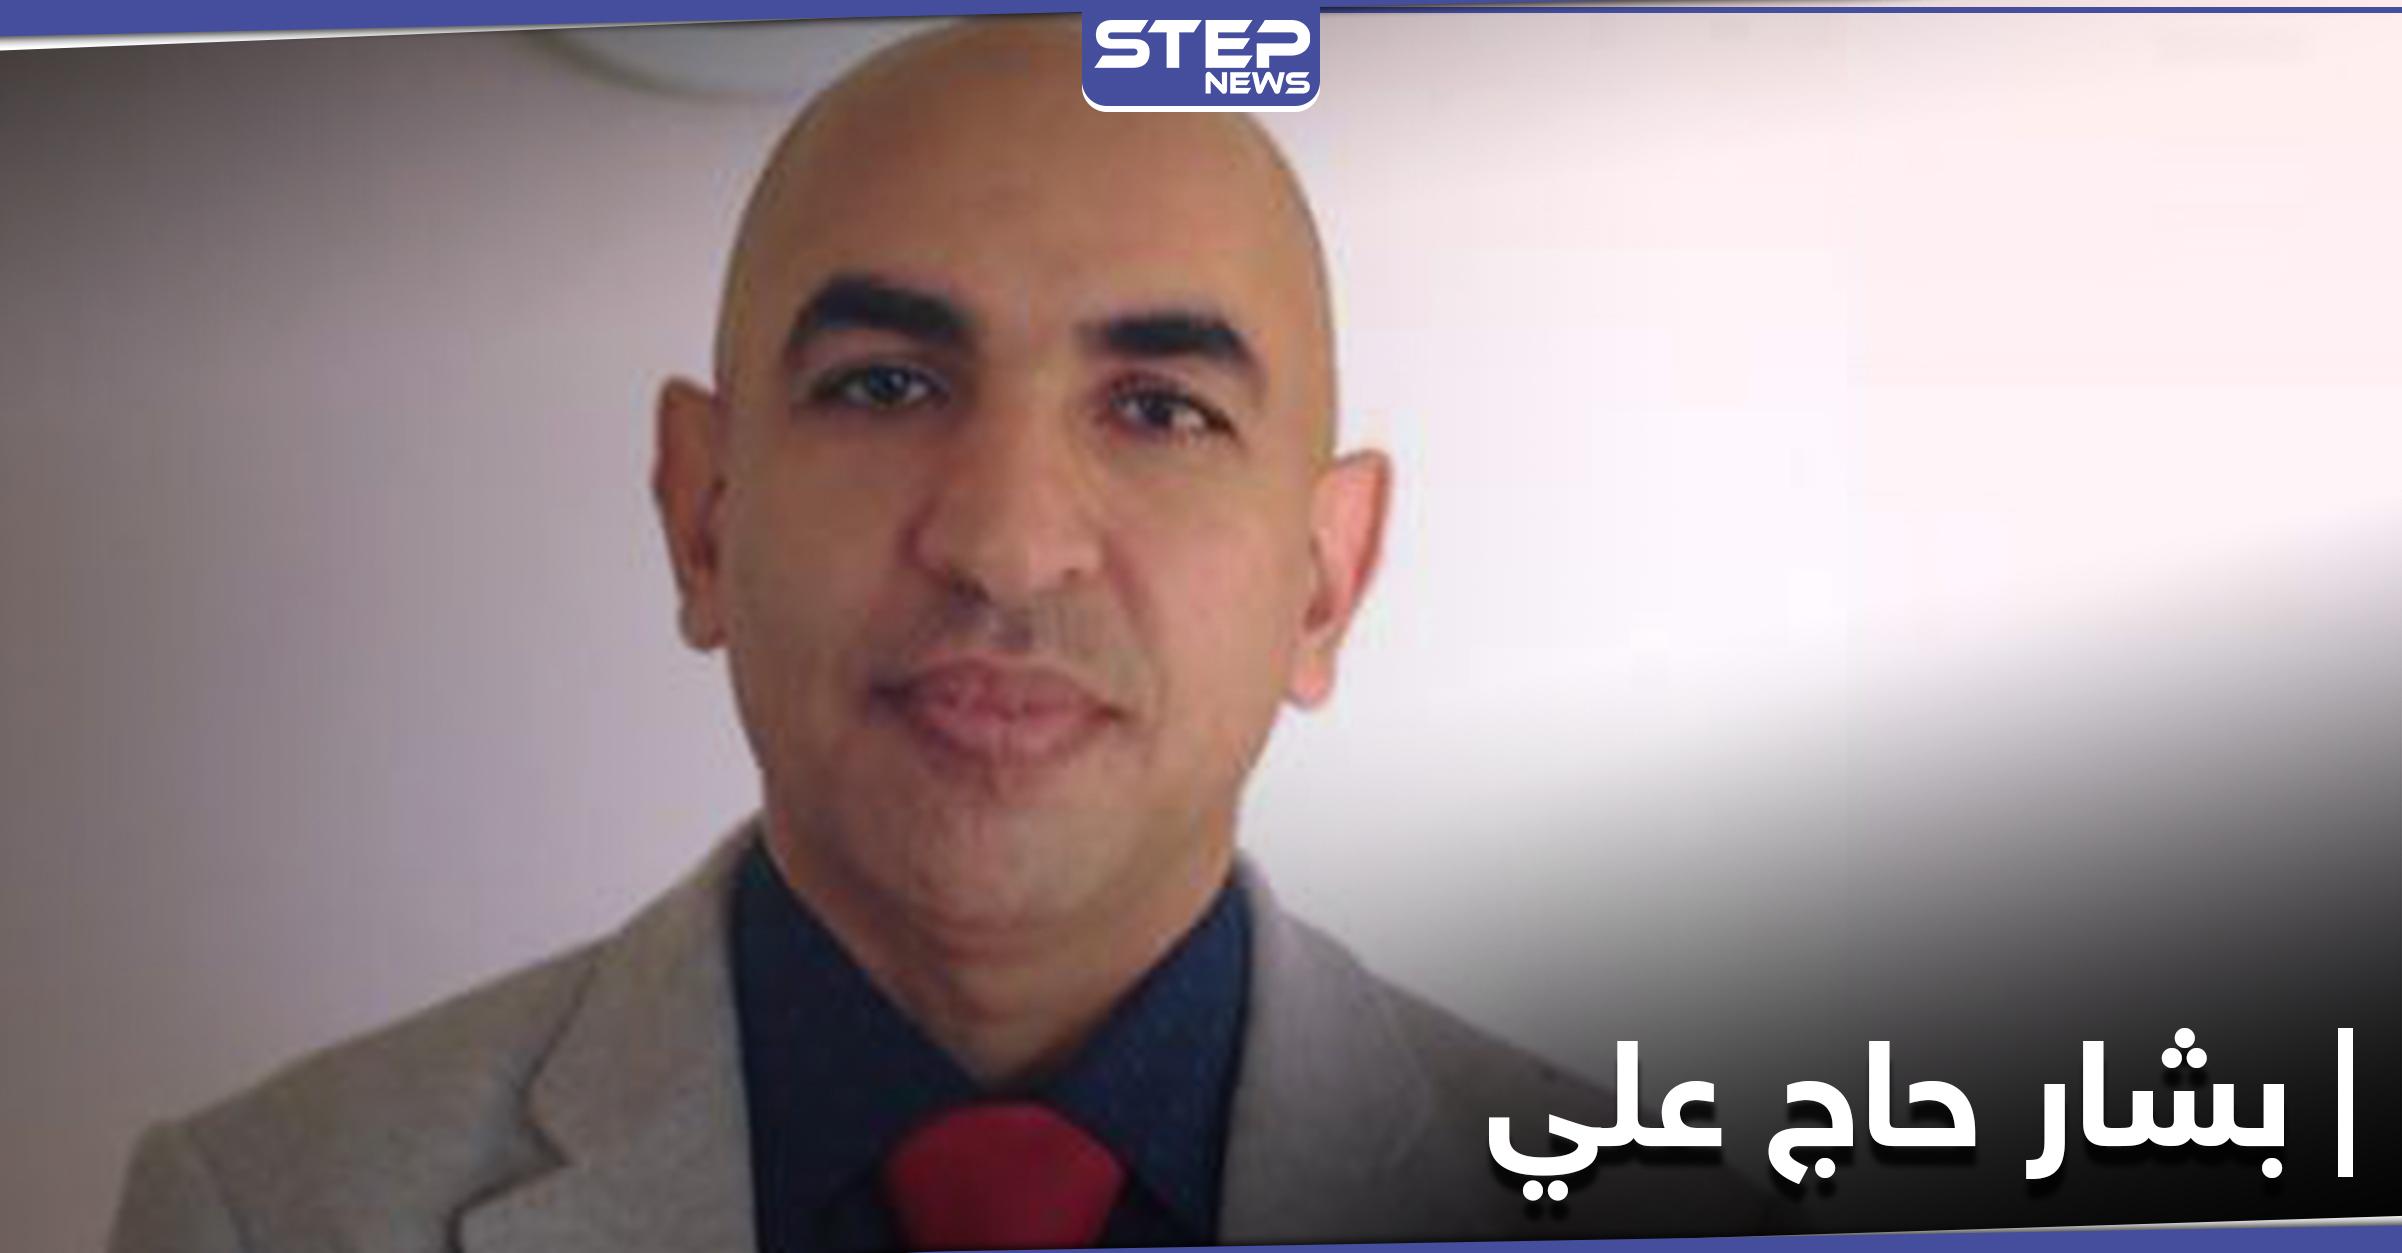 بشار الحاج علي - عضو اللجنة الدستورية